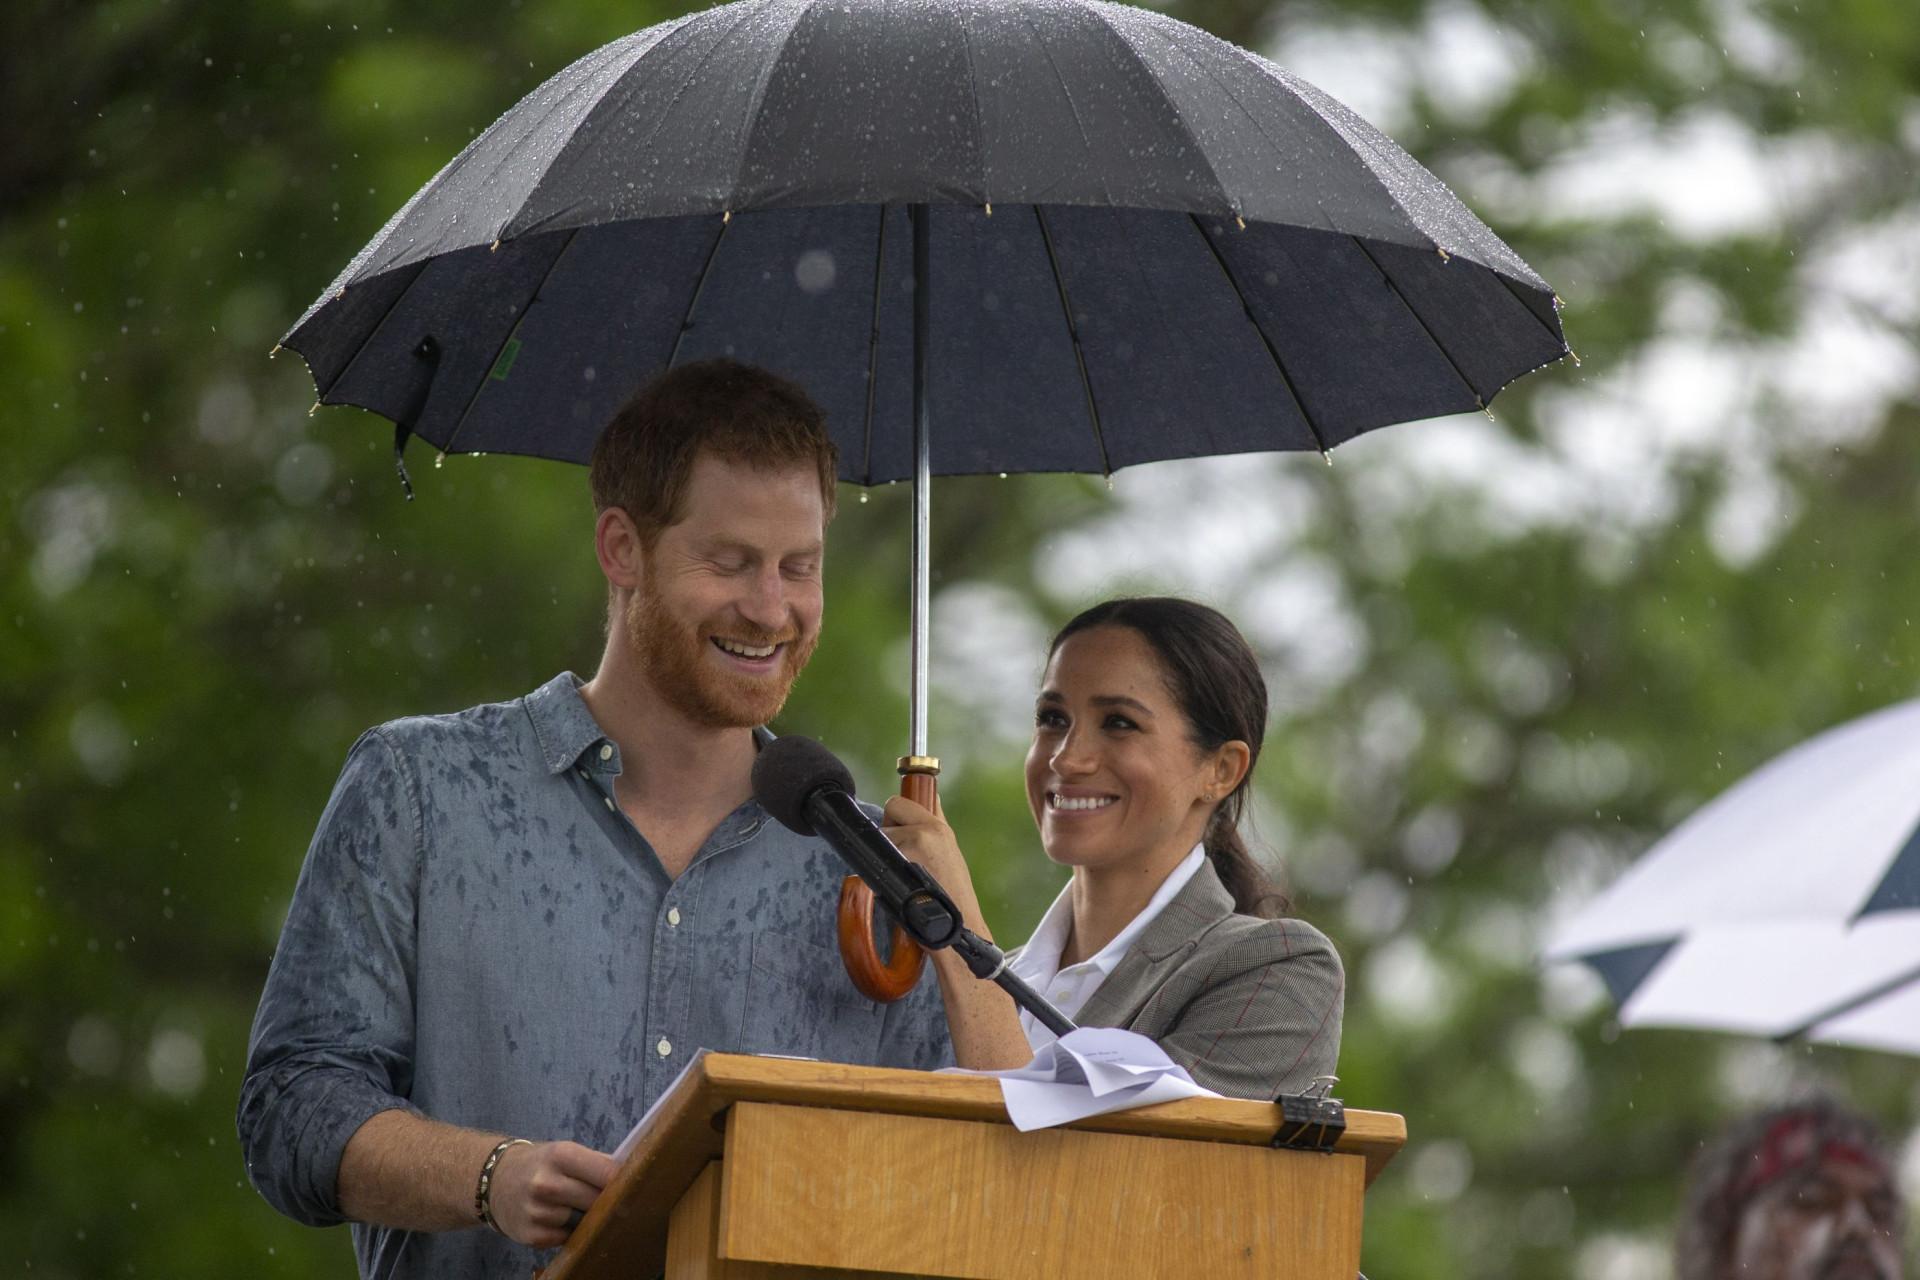 Meghan e Harry: Destaques dos primeiros seis meses de casamento